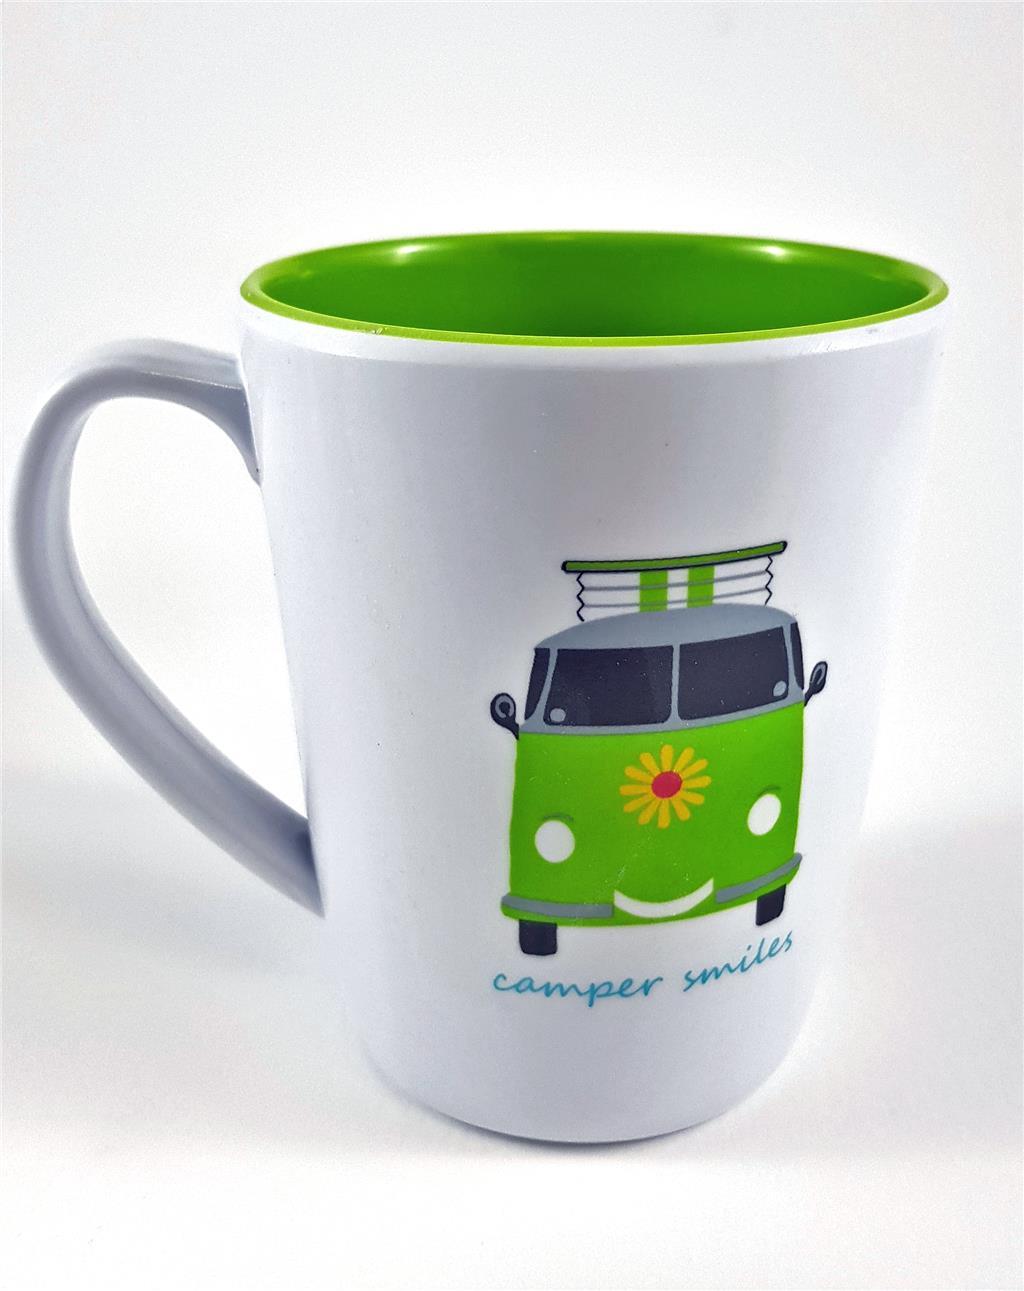 VW Camper Mugs  - Image 3